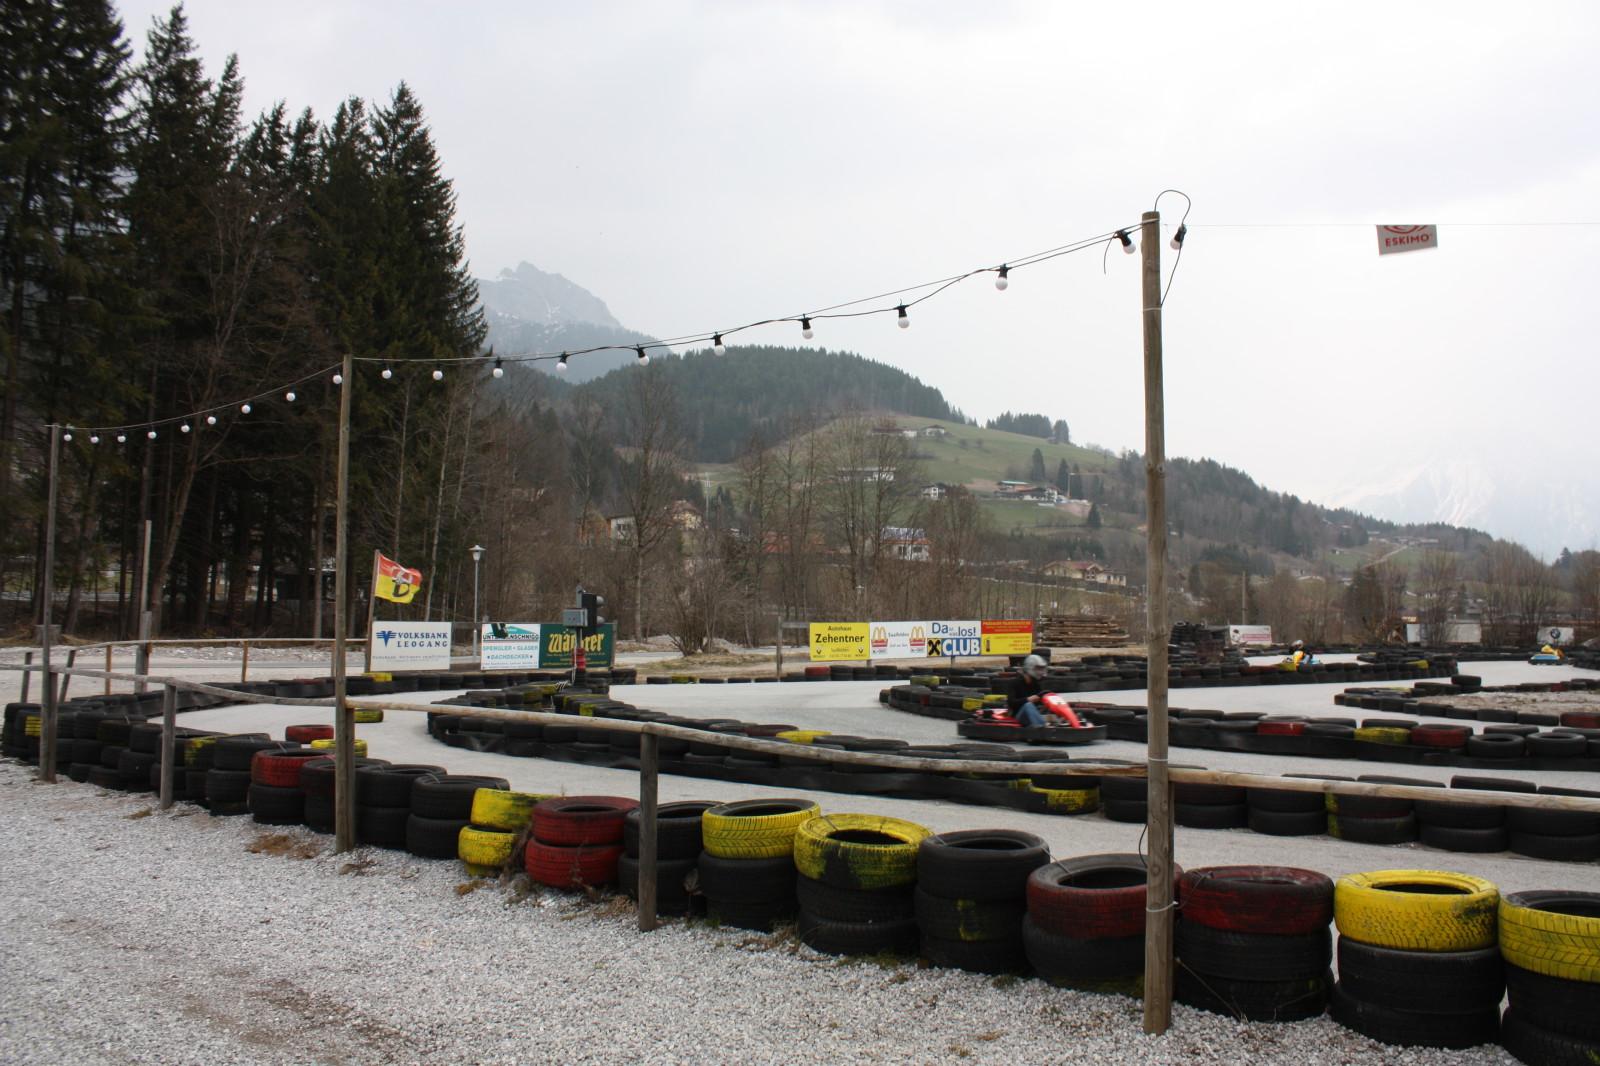 ... befindet sich die Go-Kart-Bahn in Leogang...